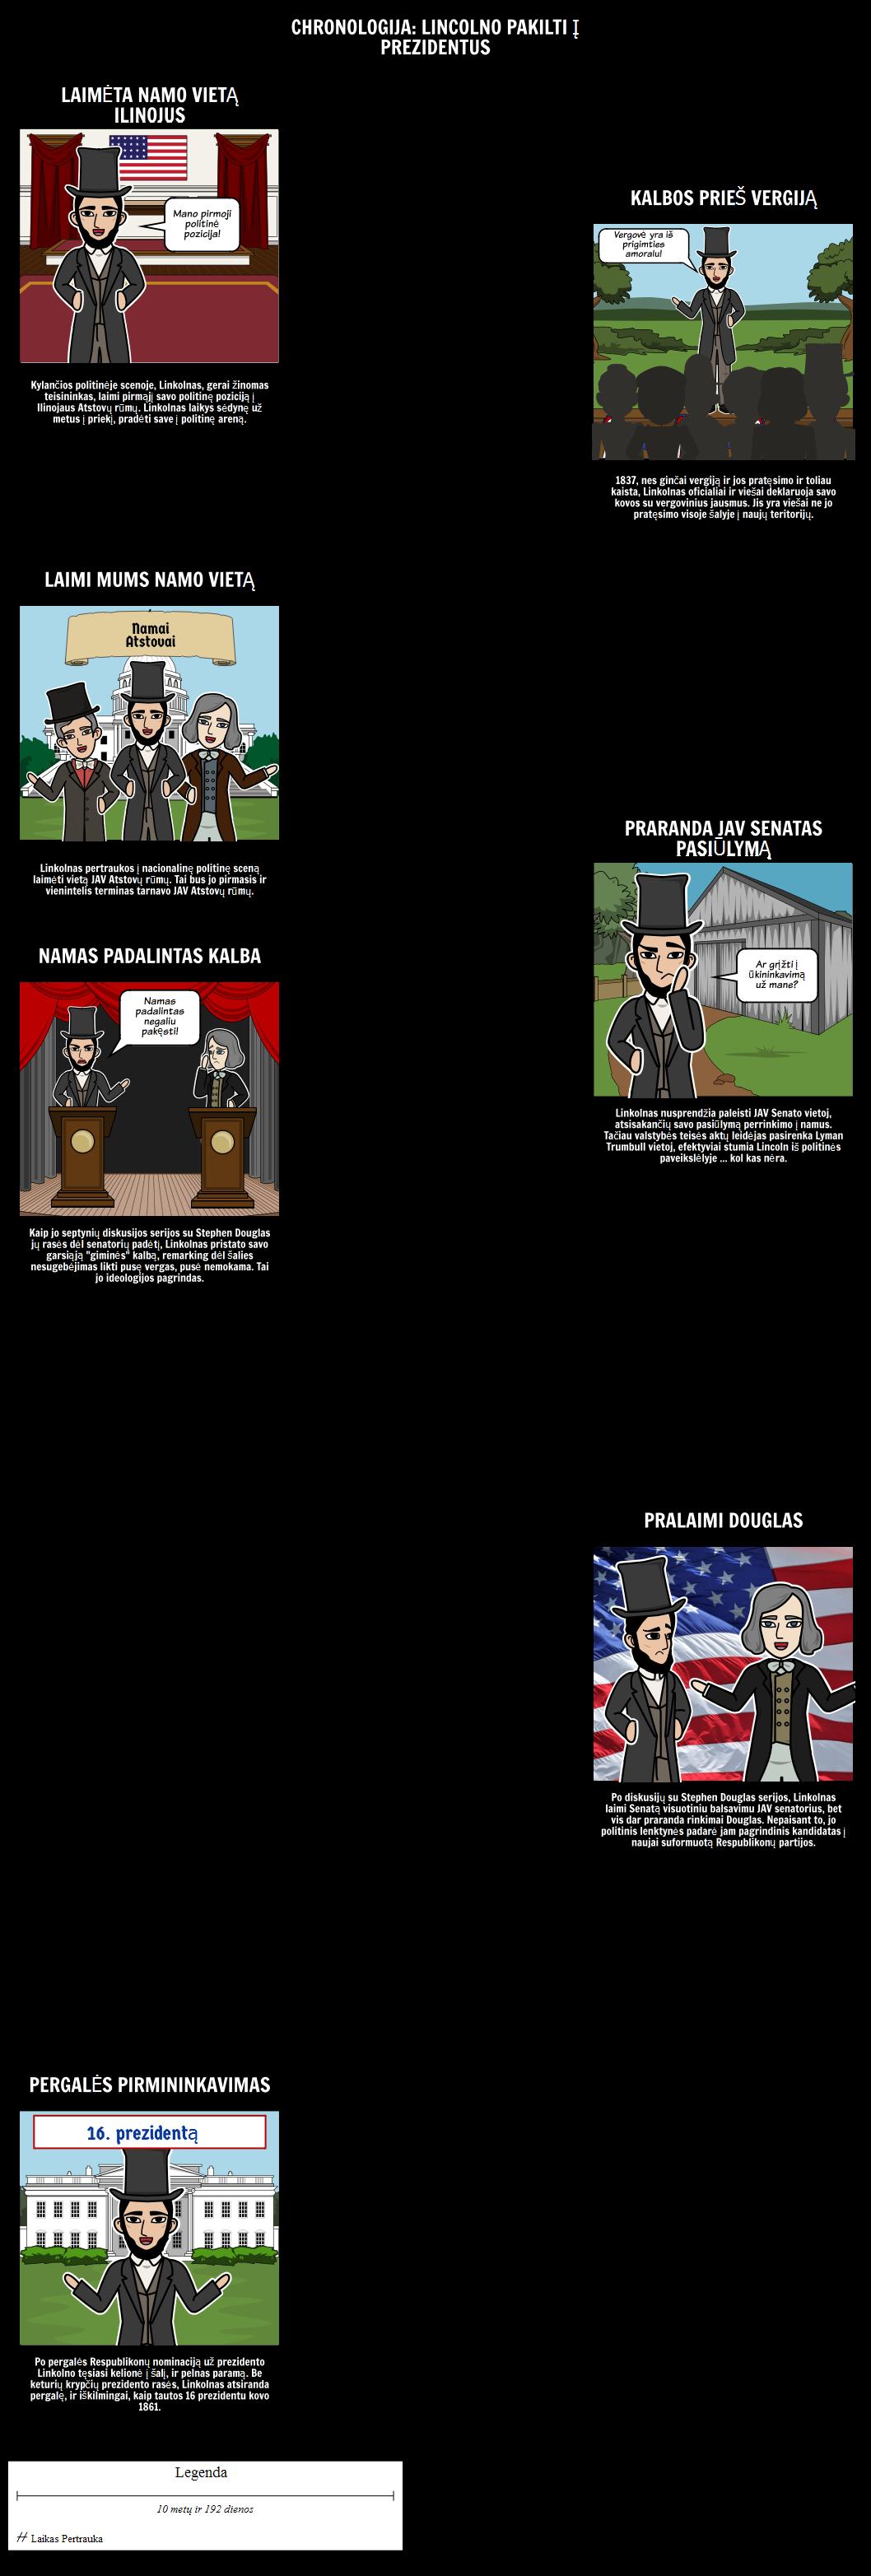 Abraham Lincoln Chronologija - Pakilti iki Pirmininkavimo